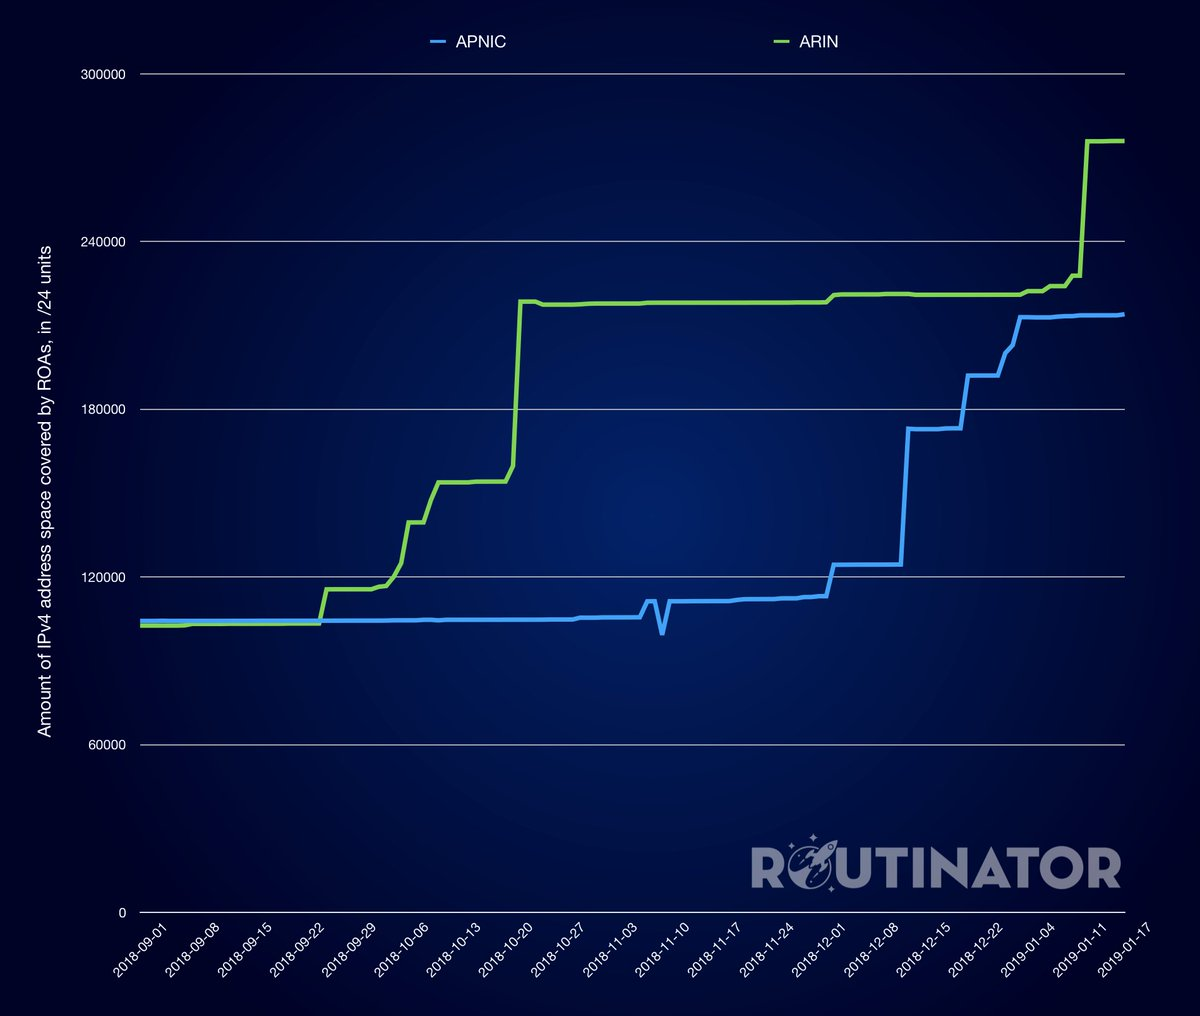 Routinator 3000 on Twitter: